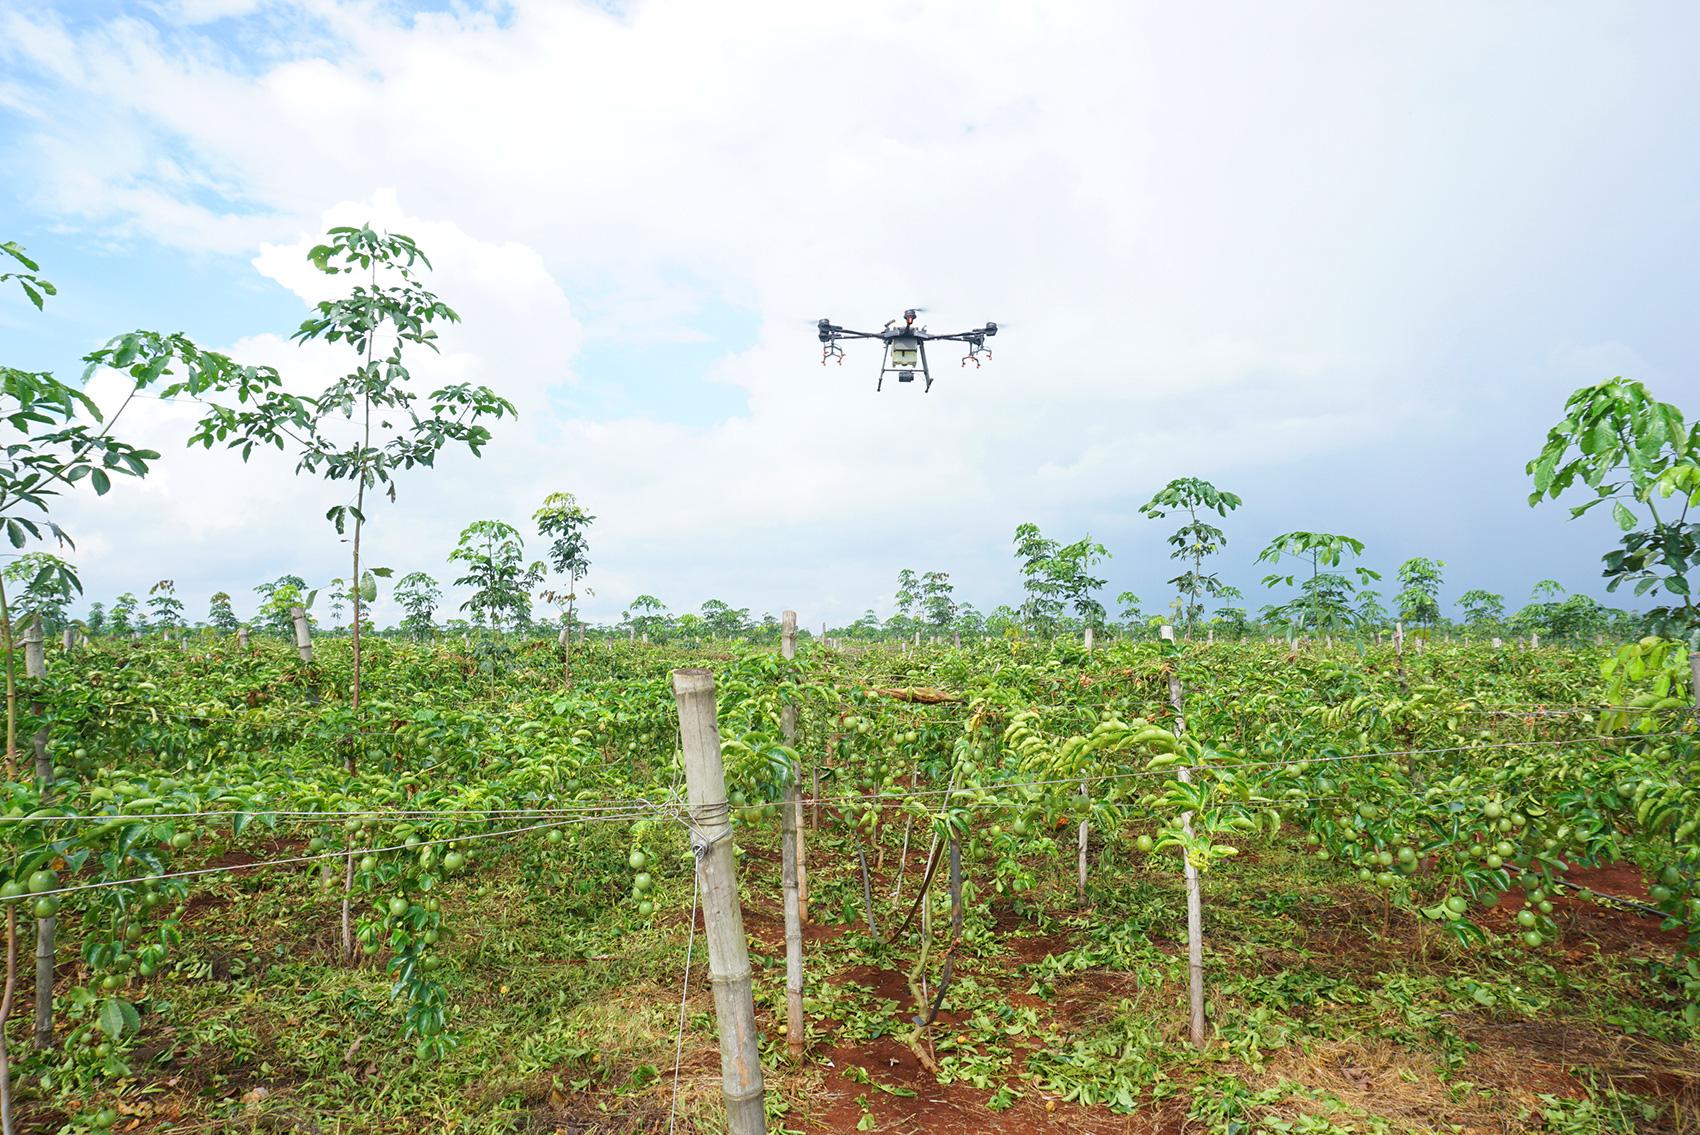 Ông Đinh Cao Khuê - Chủ tịch HĐQT Doveco hướng tới nâng tầm giá trị cây chanh leo - Ảnh 2.